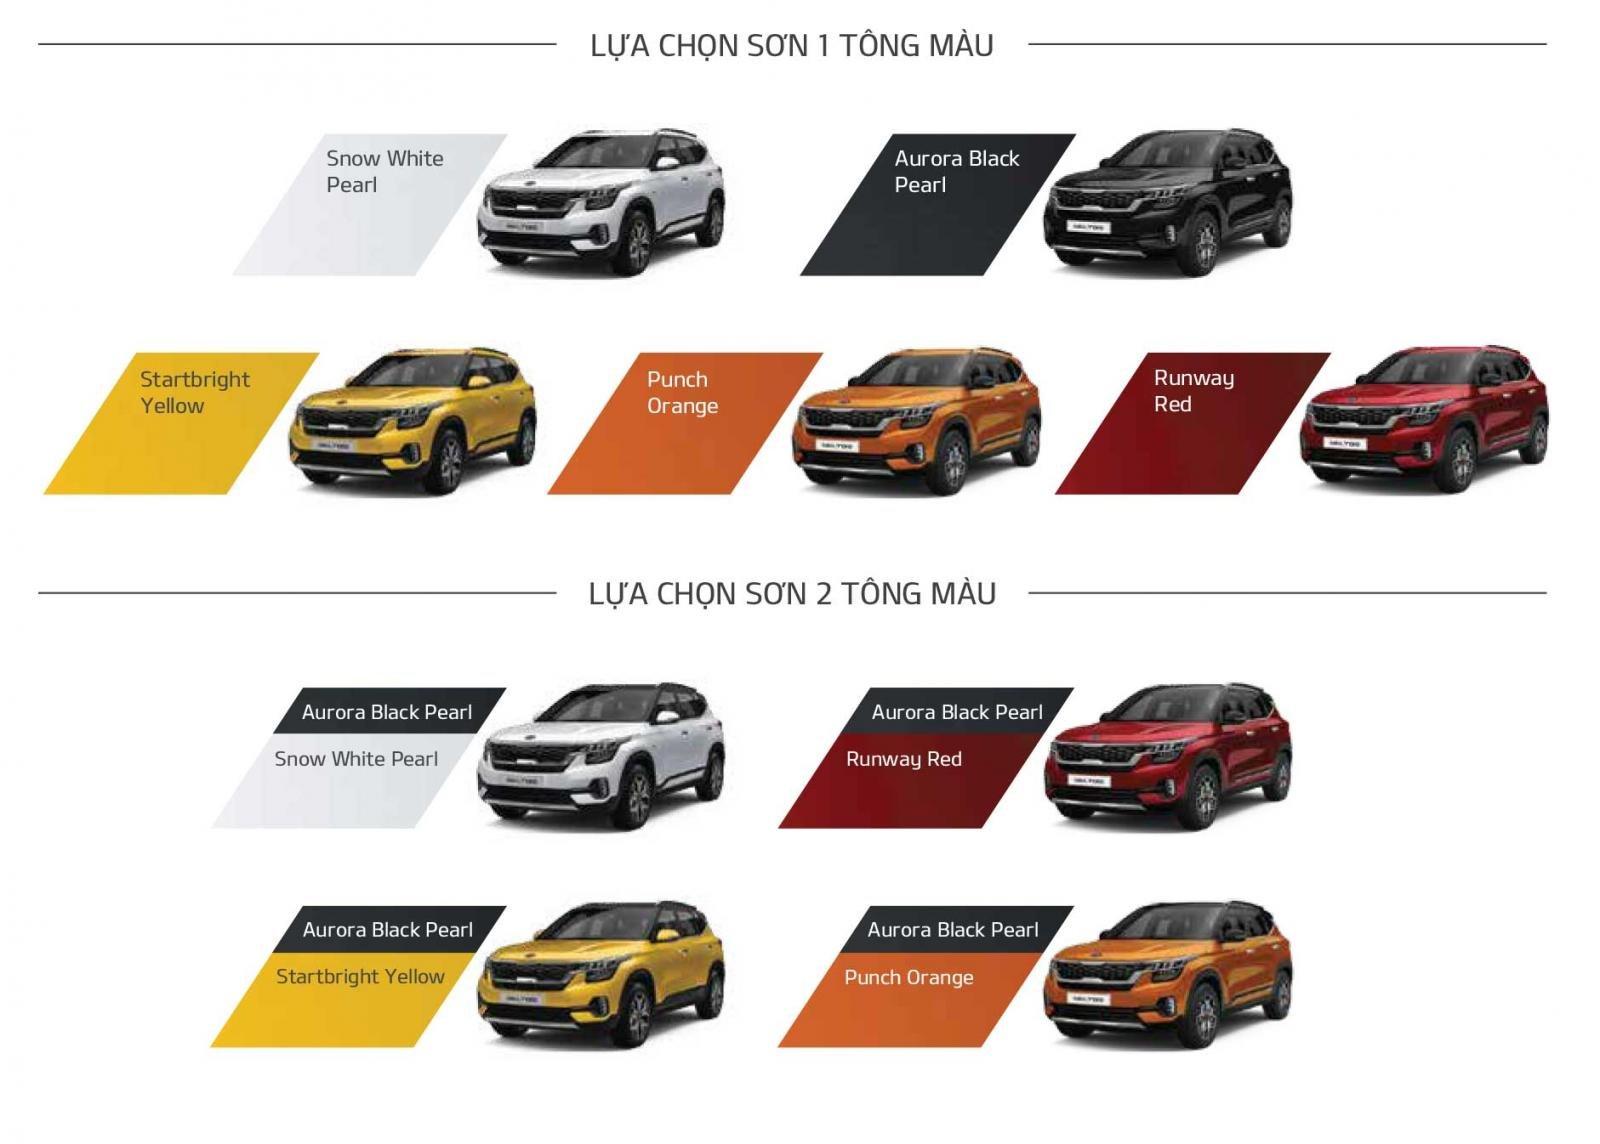 Xe Kia Seltos có 9 màu sắc cho người dùng lựa chọn